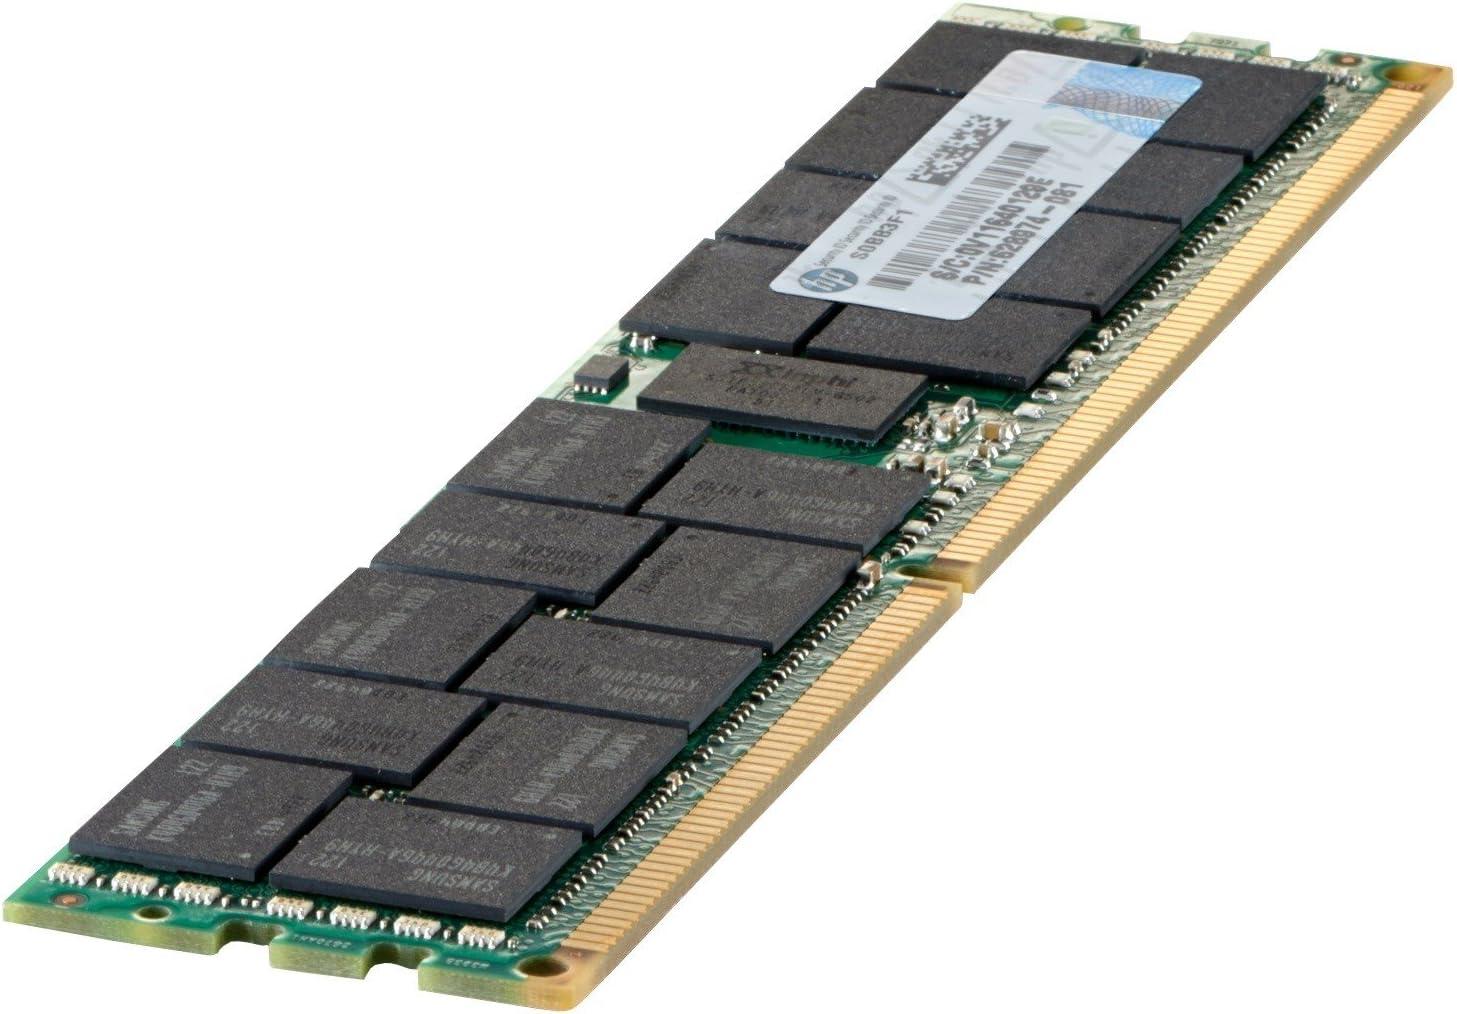 DDR3 SDRAM SoDIMM 4 GB 1333MHz DDR3-1333//PC3-10600 HP 4 GB DDR3 SDRAM Memory Module